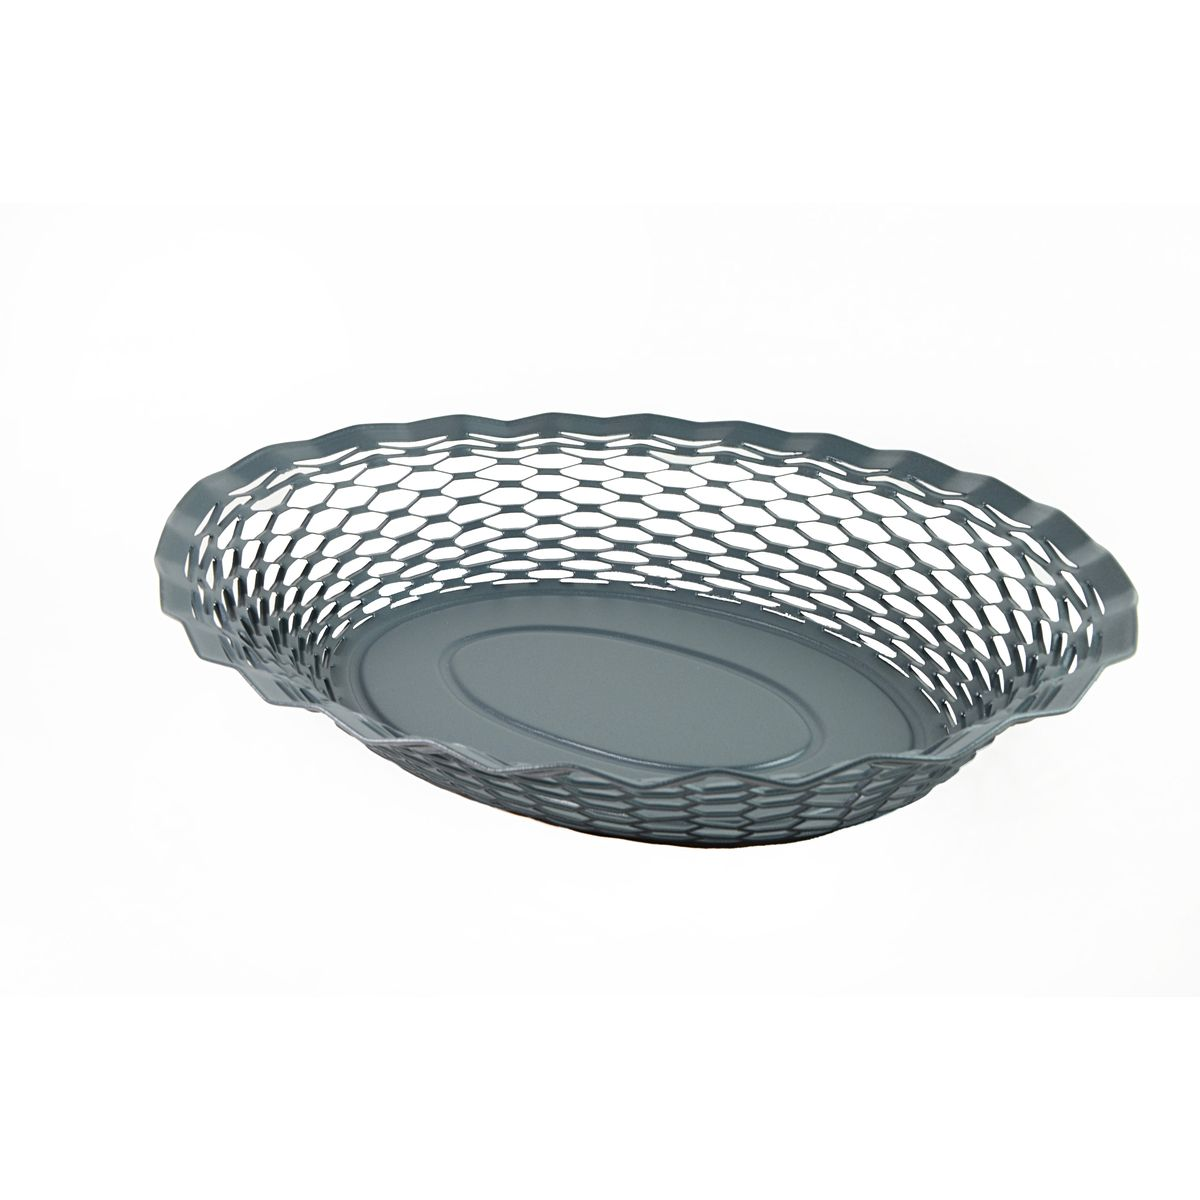 Corbeille à pain en inox gris foncé 24 x 18 cm - Roger Orfevre